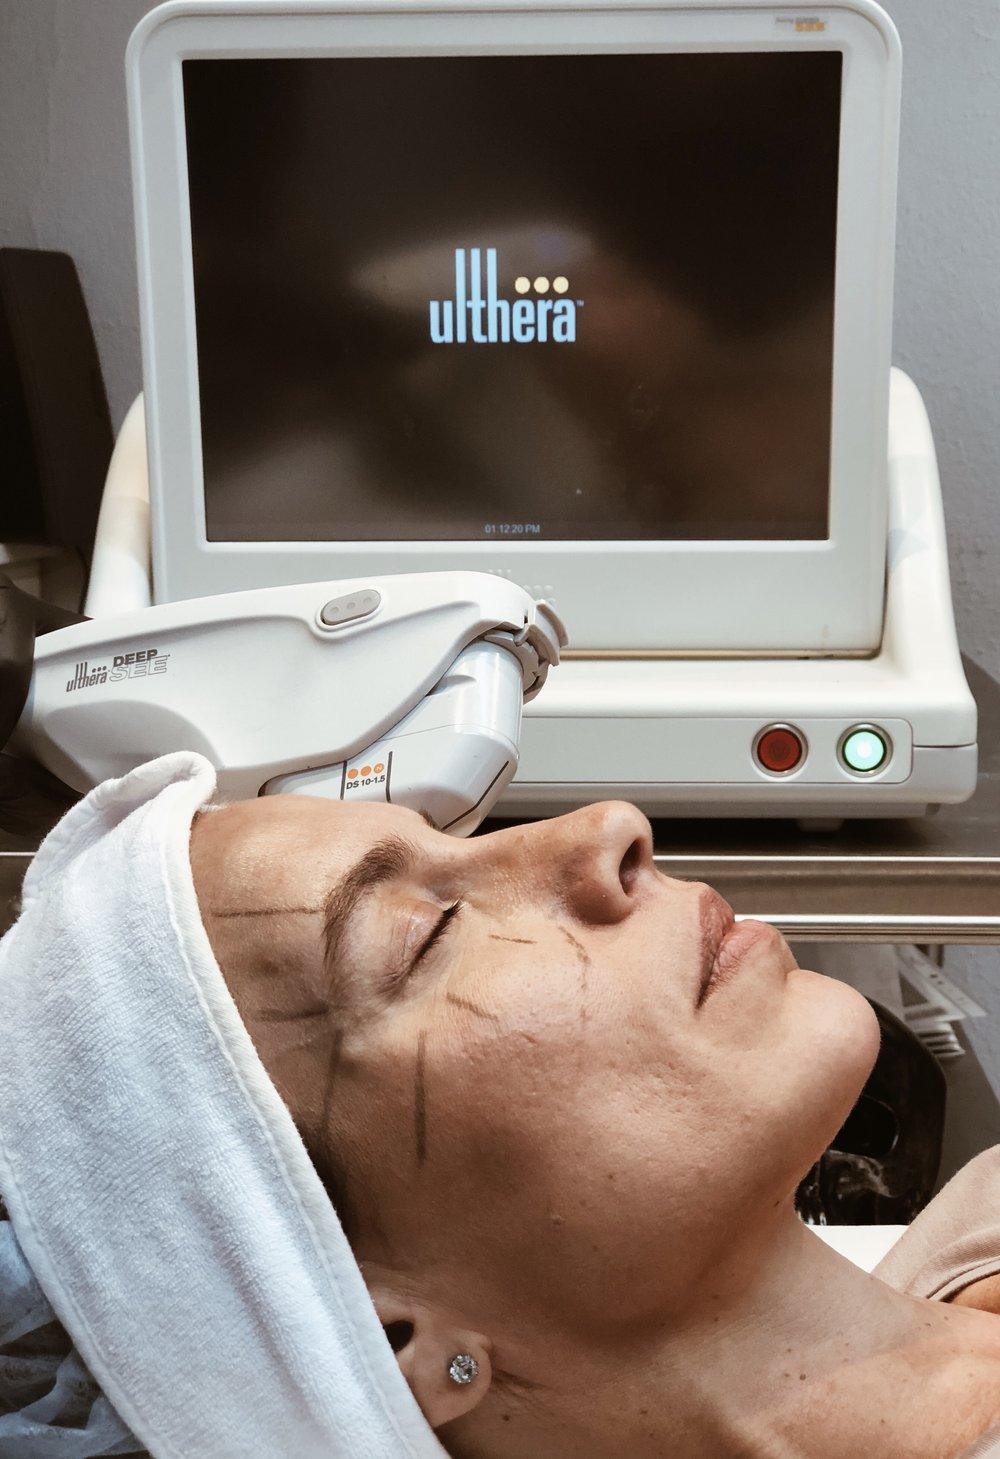 ULTHERAPY   Ultherapybehandlingen är den enda icke-invasiva behandlingen som är godkänd av U.S.A. FDA för lyft av huden vid ögonbrynen.  Ultherapy® tillför fokuserad ultraljudsenergi på samma nivåer i huden som kirurger inriktar sig på vid plastikkirurgi (t.ex. kirurgisk ansiktslyft), utan att skära eller skada hudens yta. Denna energi initierar kroppens naturliga reaktion att stimulera tillväxt av ny kollagen och stärka svag kollagen.  Läs mer  här